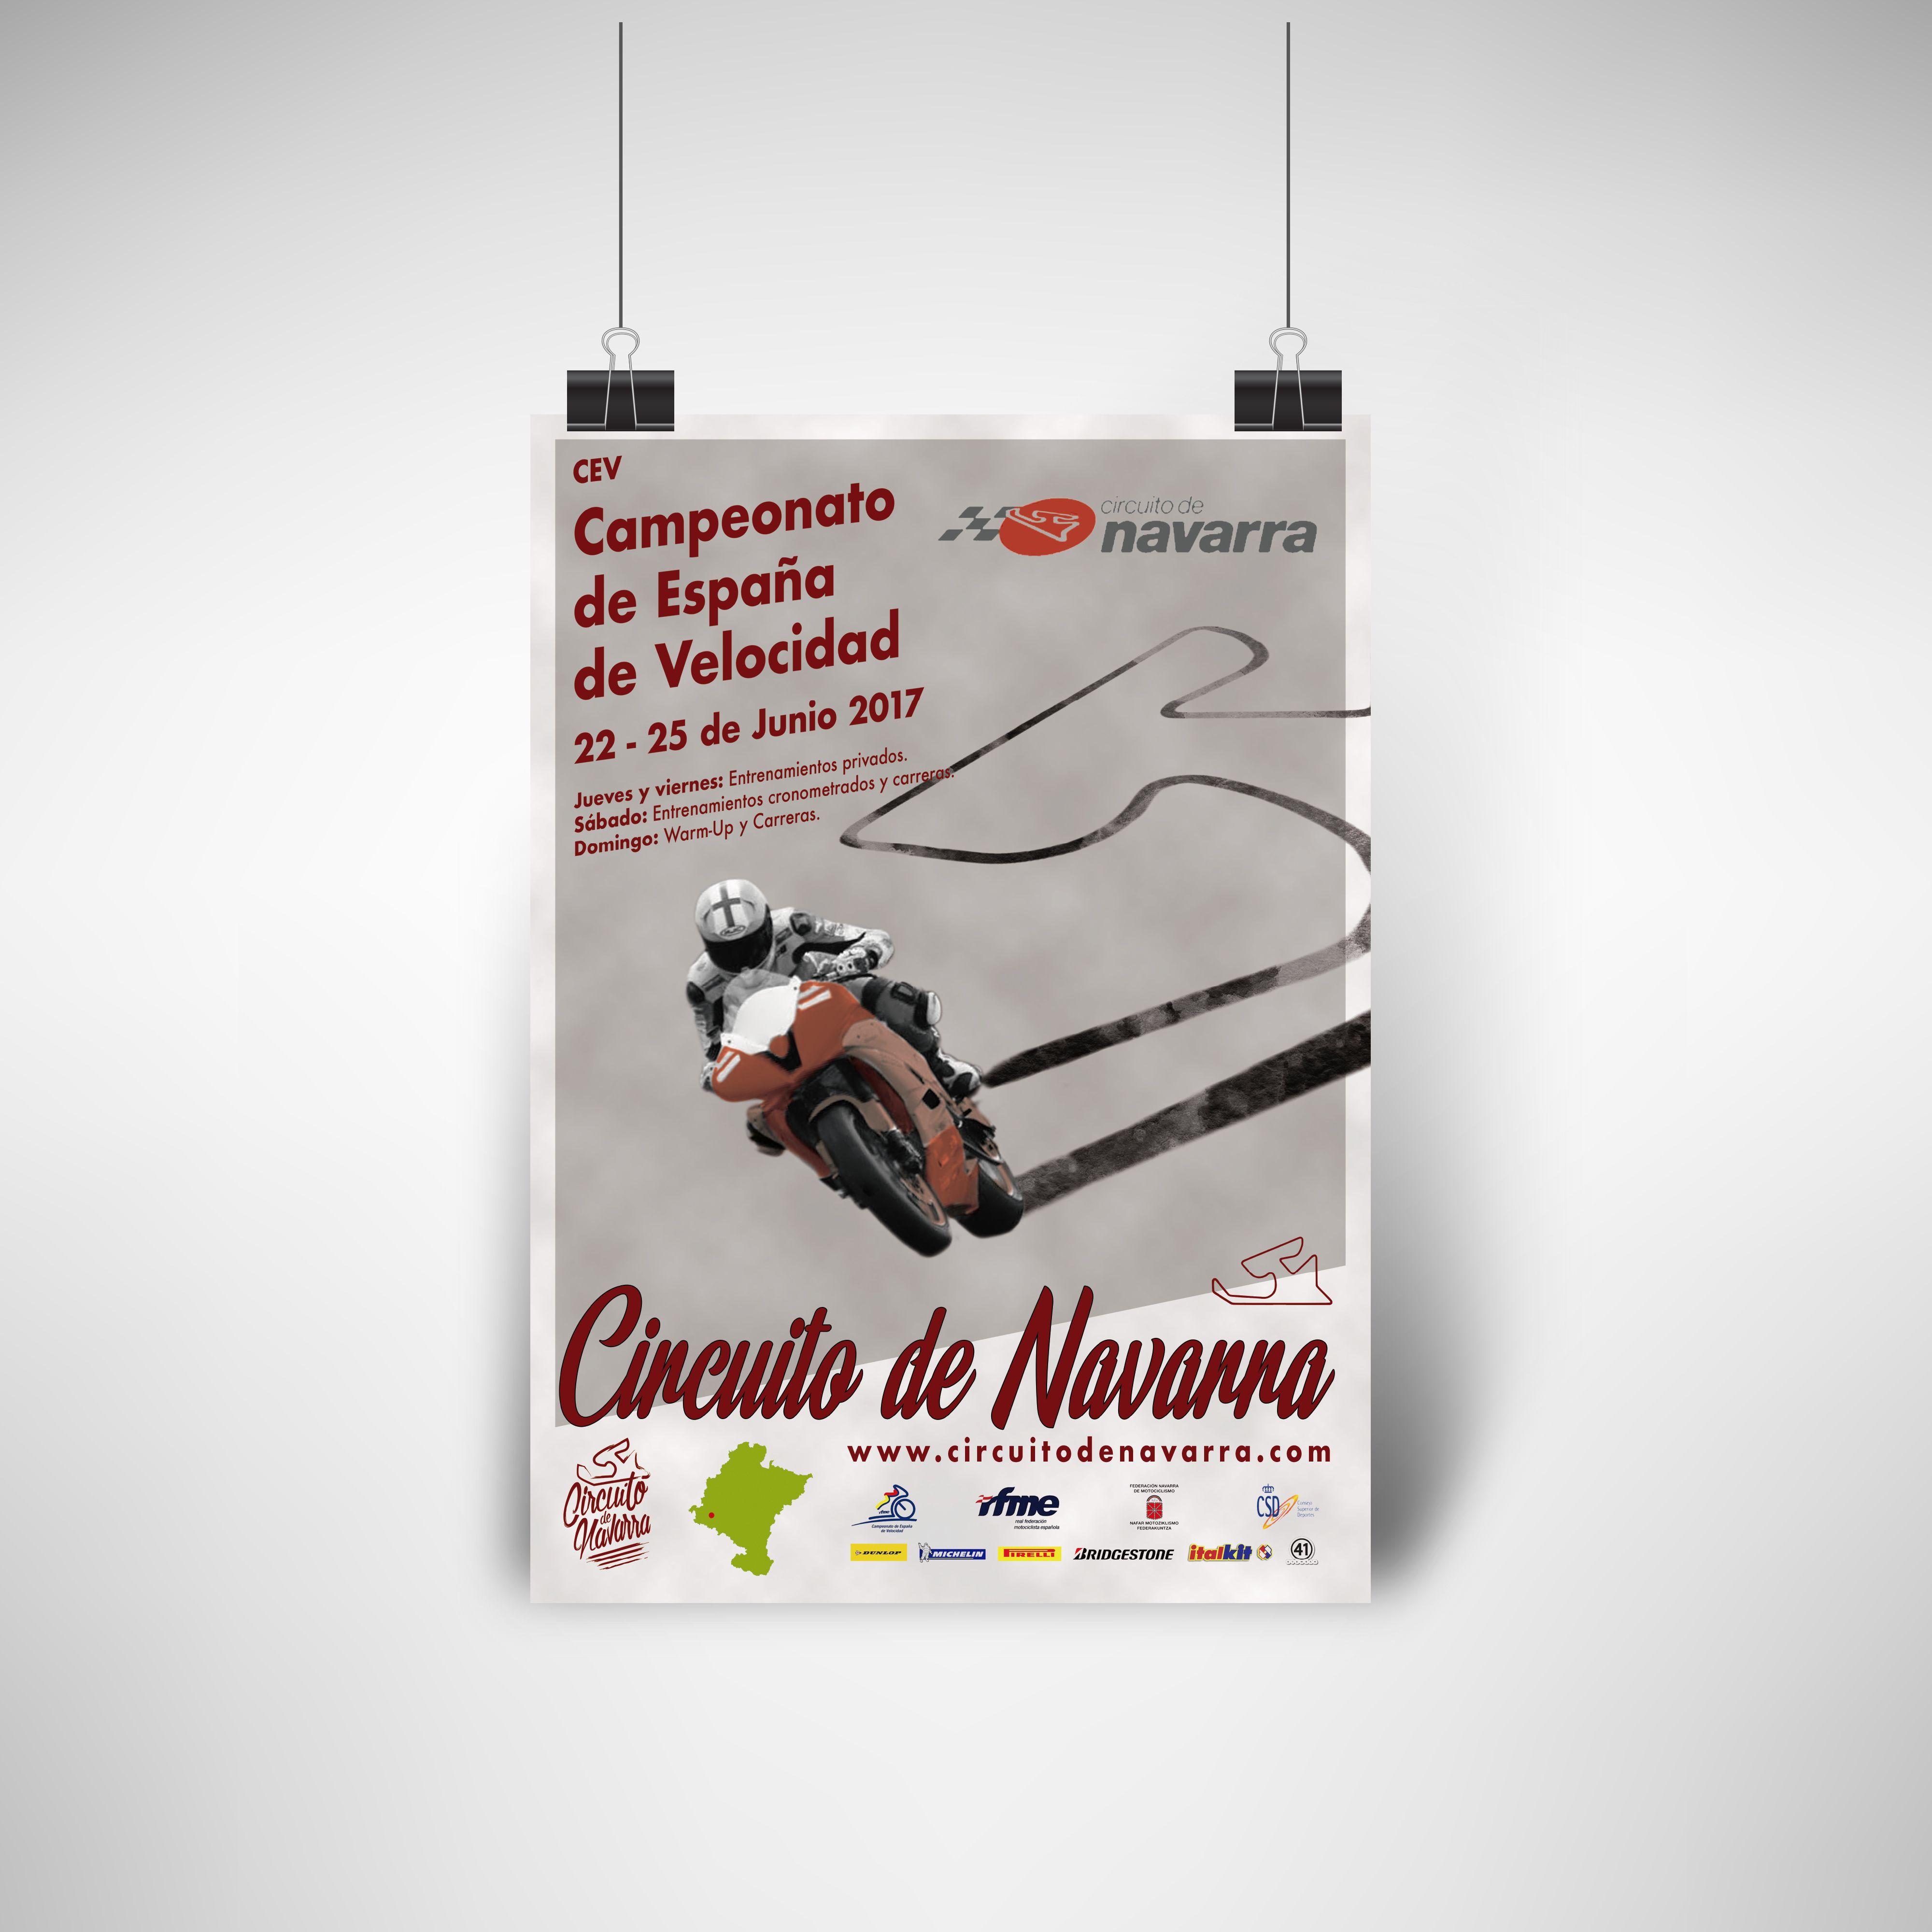 el estudio verde, cartel evento, diseño gráfico, diseño web, circuito de navarra, cev 2017, carrera, moto, ismael pérez arana